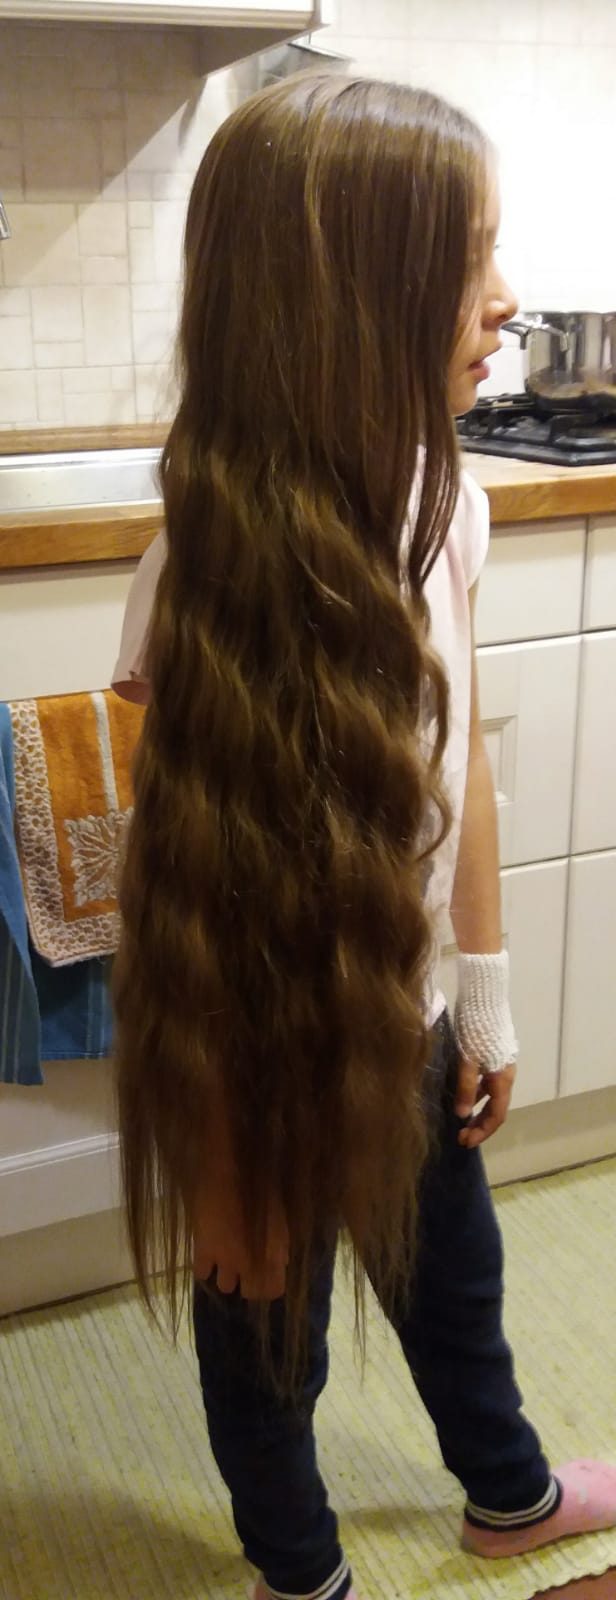 Chi ha i capelli piu lunghi del mondo